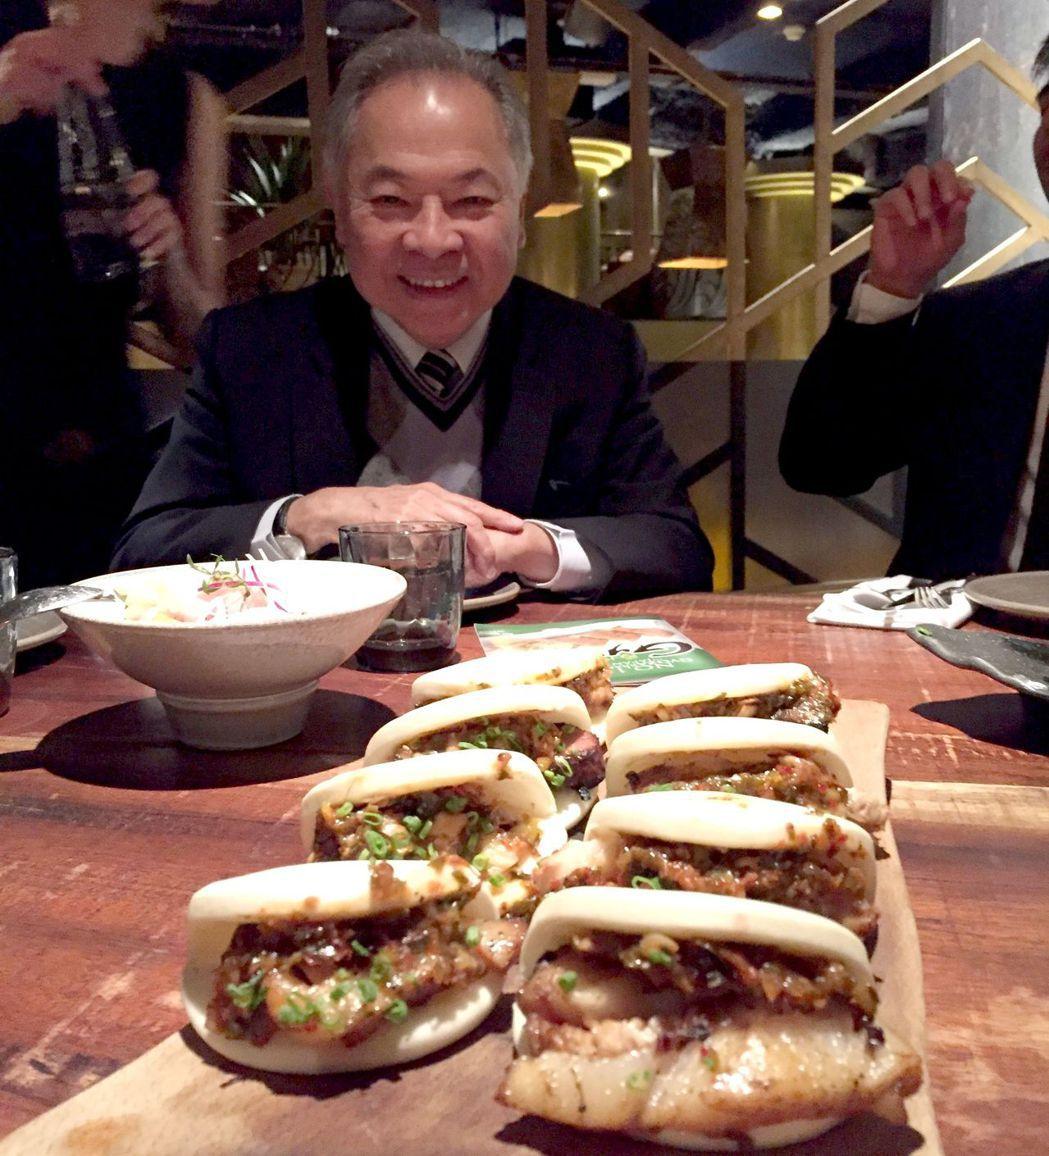 董事長宋光夫成功推廣奇美刈包到歐洲,讓高級餐廳變出新美味。 奇美食品/提供